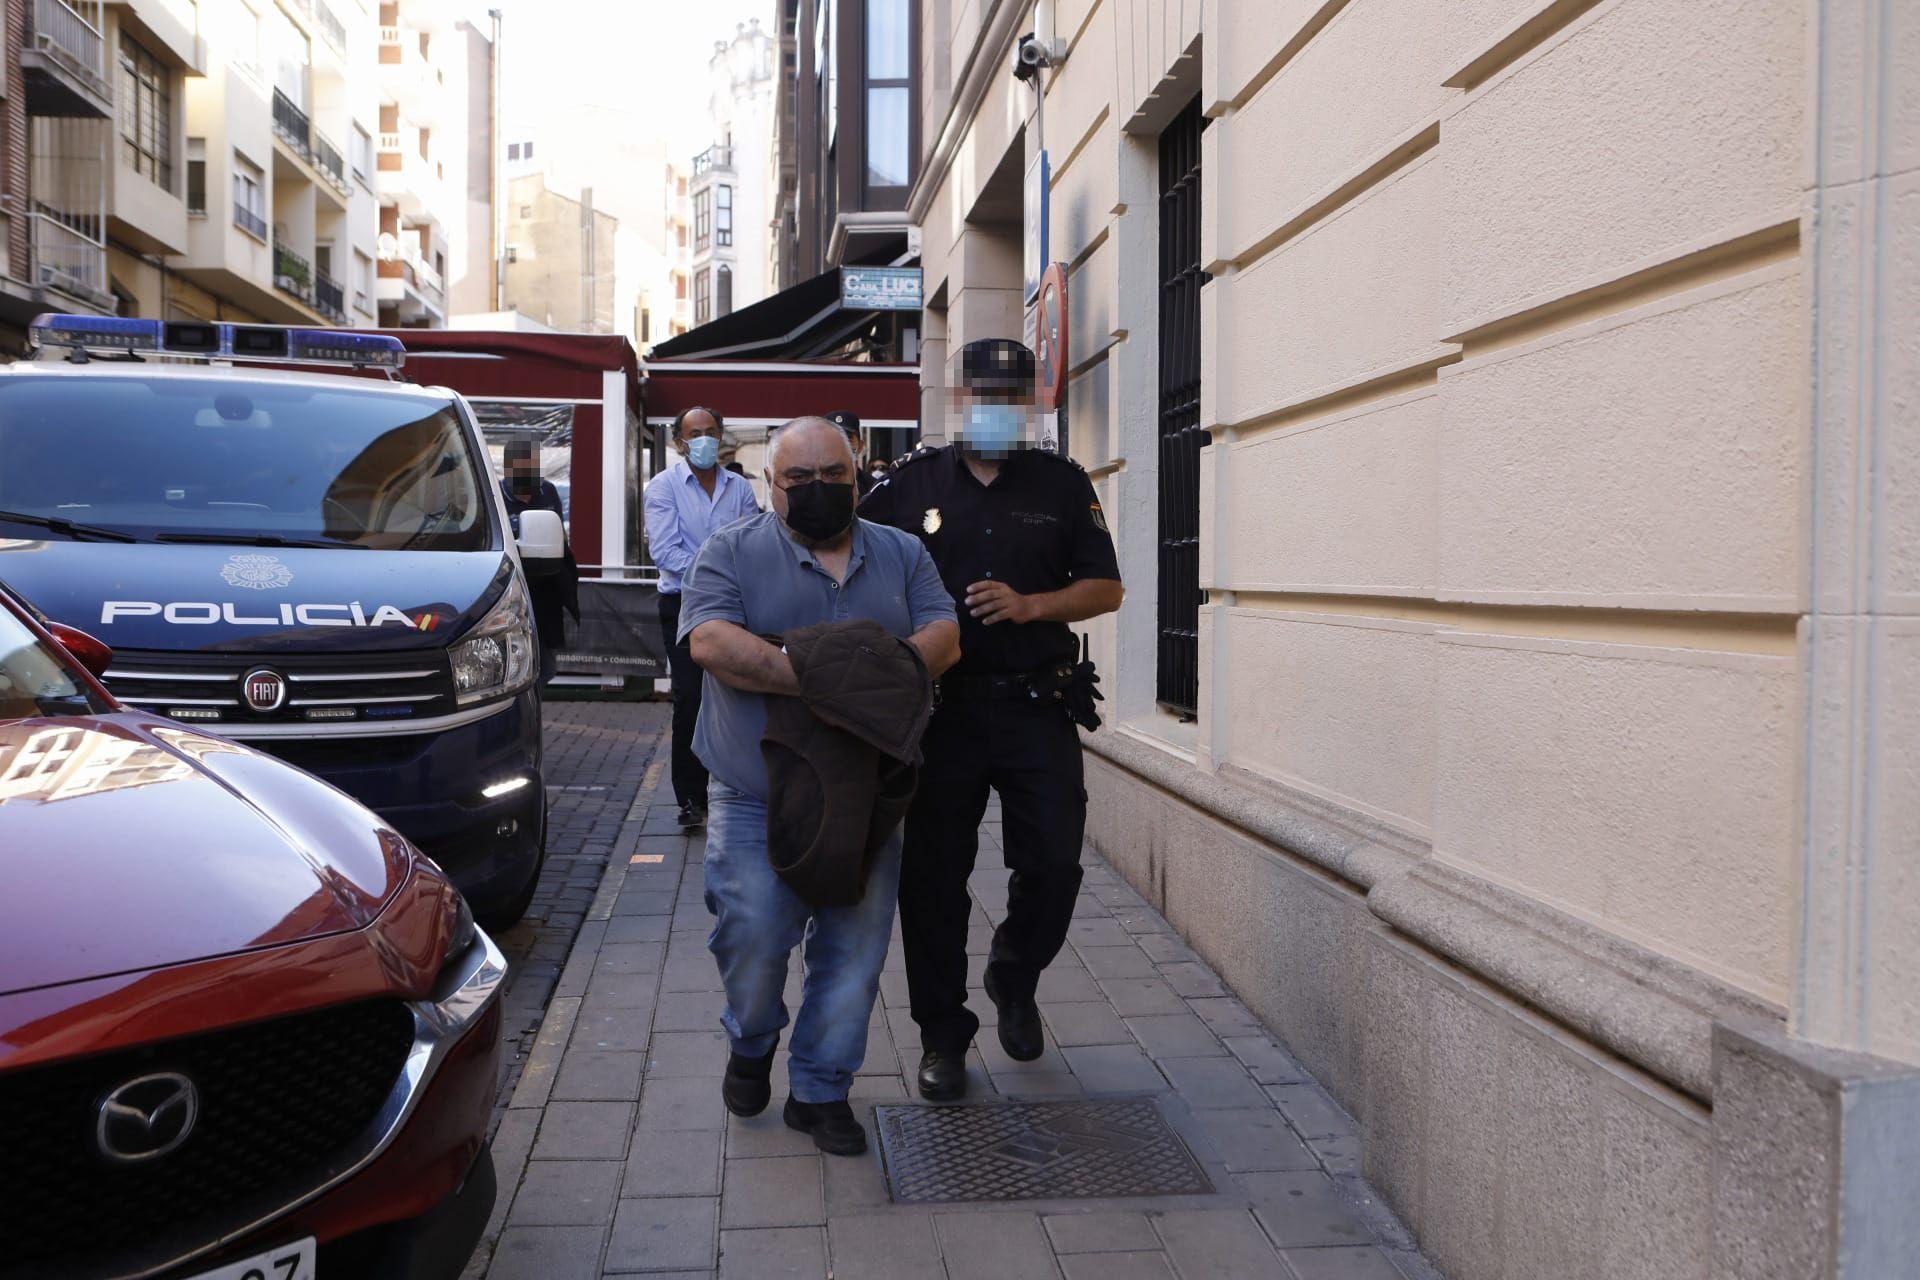 El encargado S. M, también detenido.